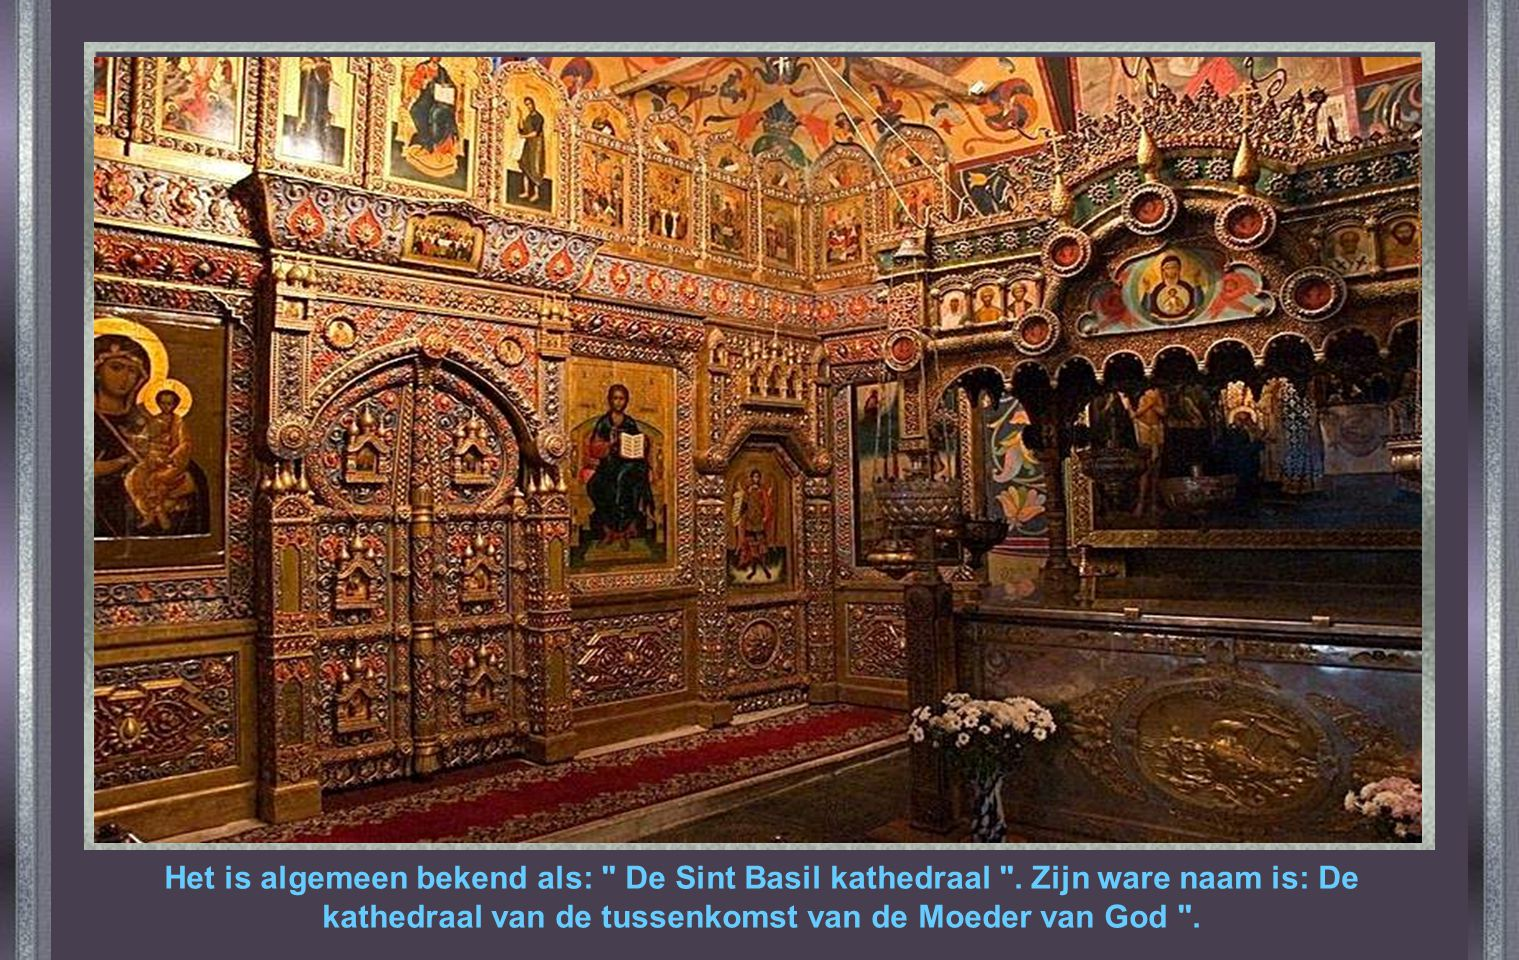 Het is algemeen bekend als: De Sint Basil kathedraal